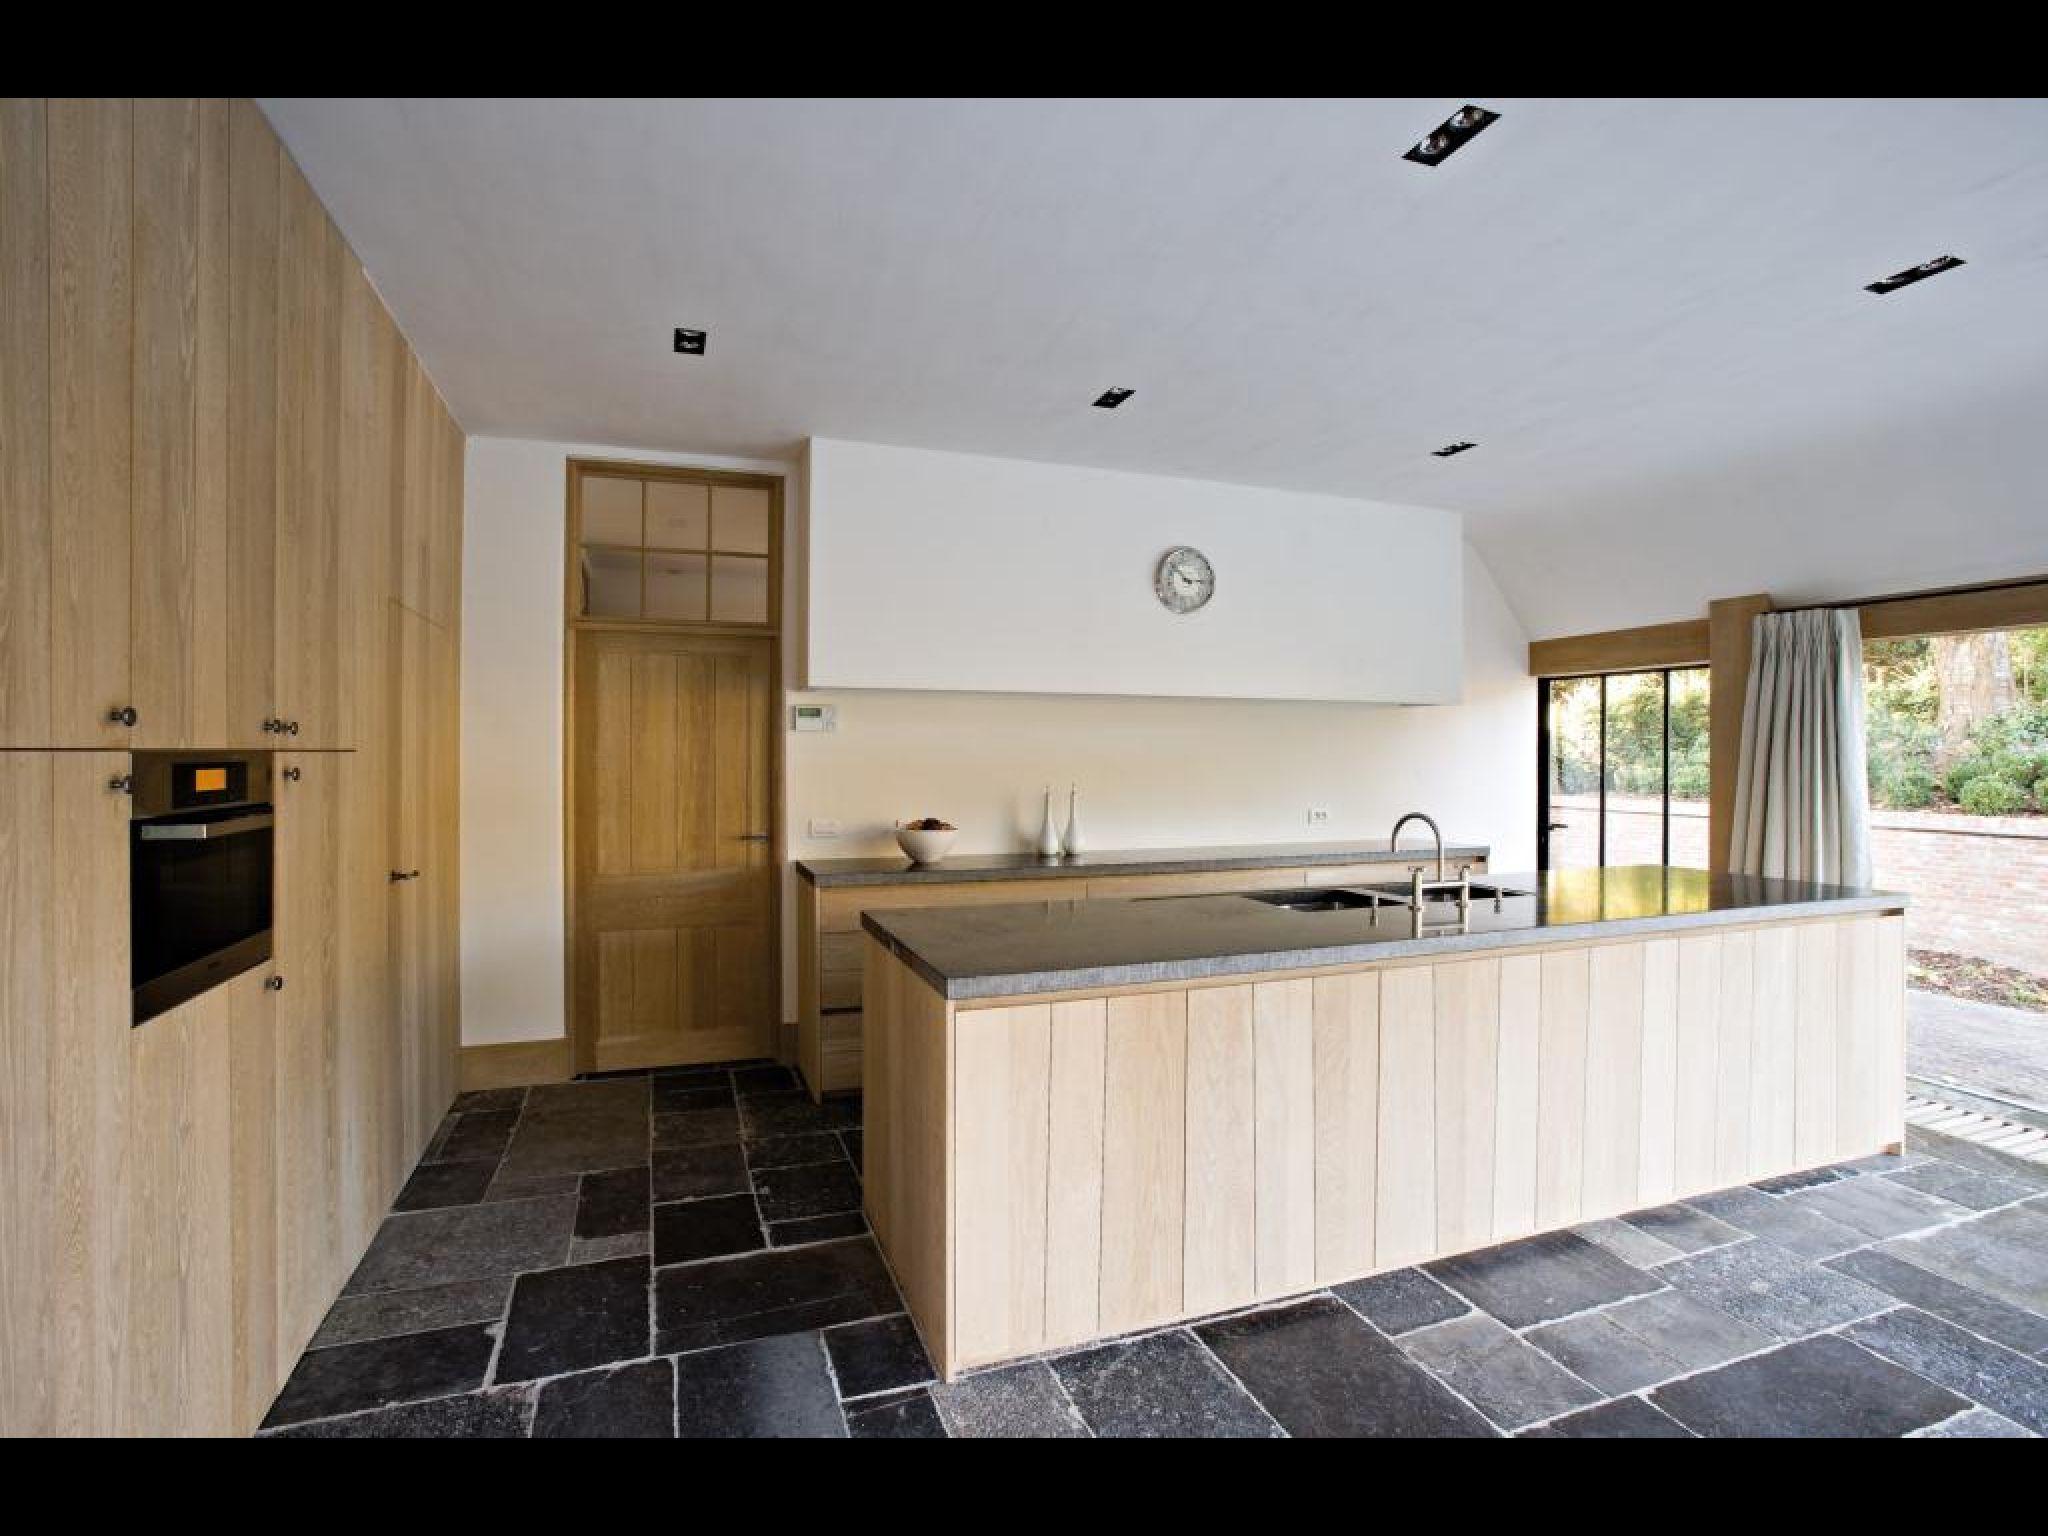 Landelijk moderne keuken met oude hardsteen vloertegels